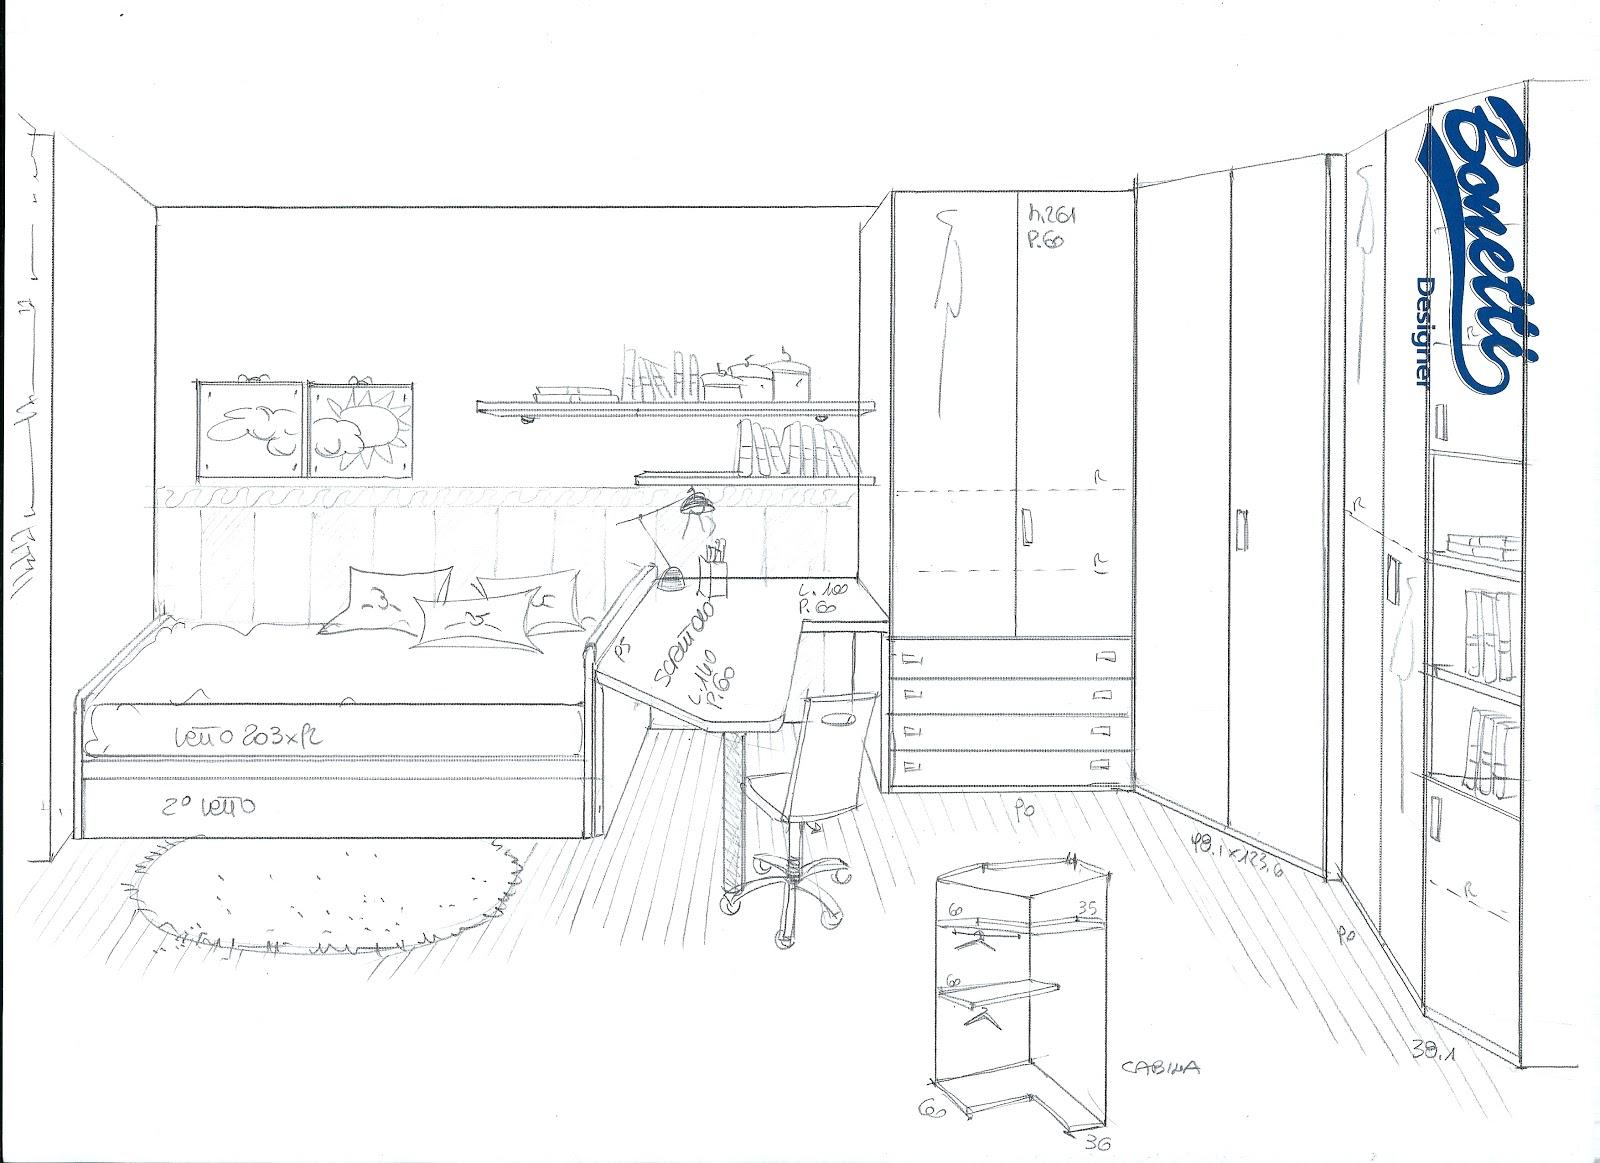 Progettare camerette trendy cameretta biagio with for Come progettare un layout di una stanza online gratuitamente